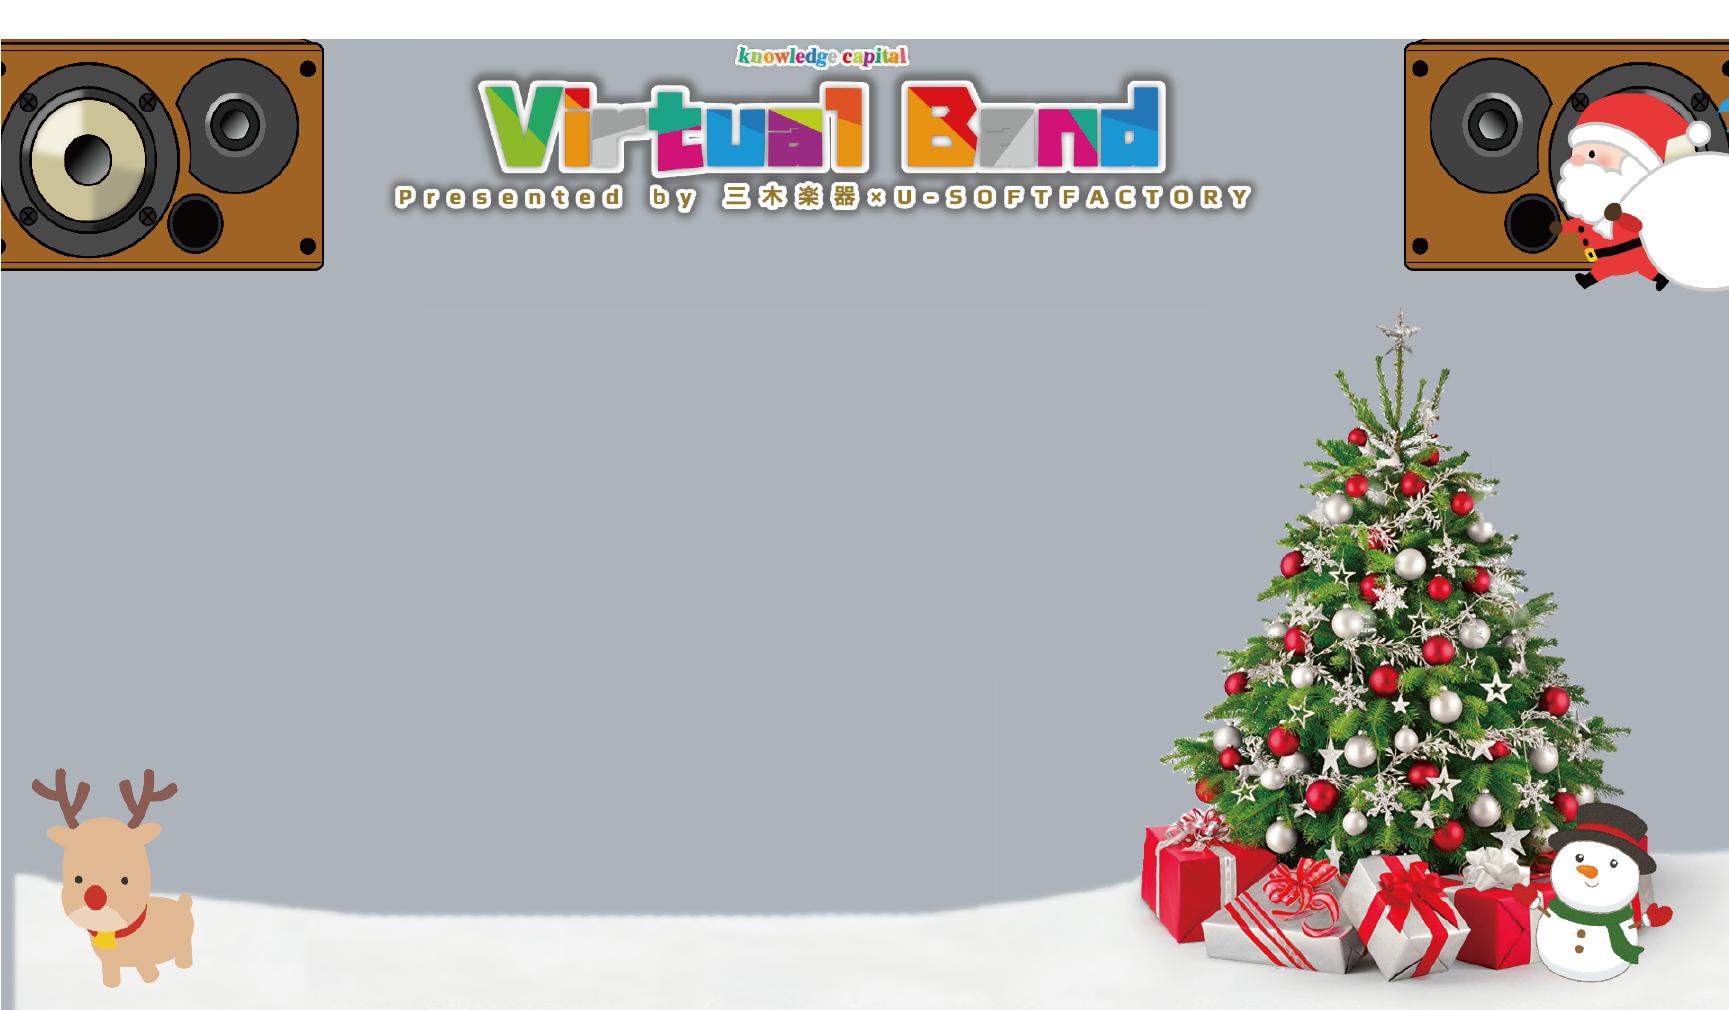 virtualband